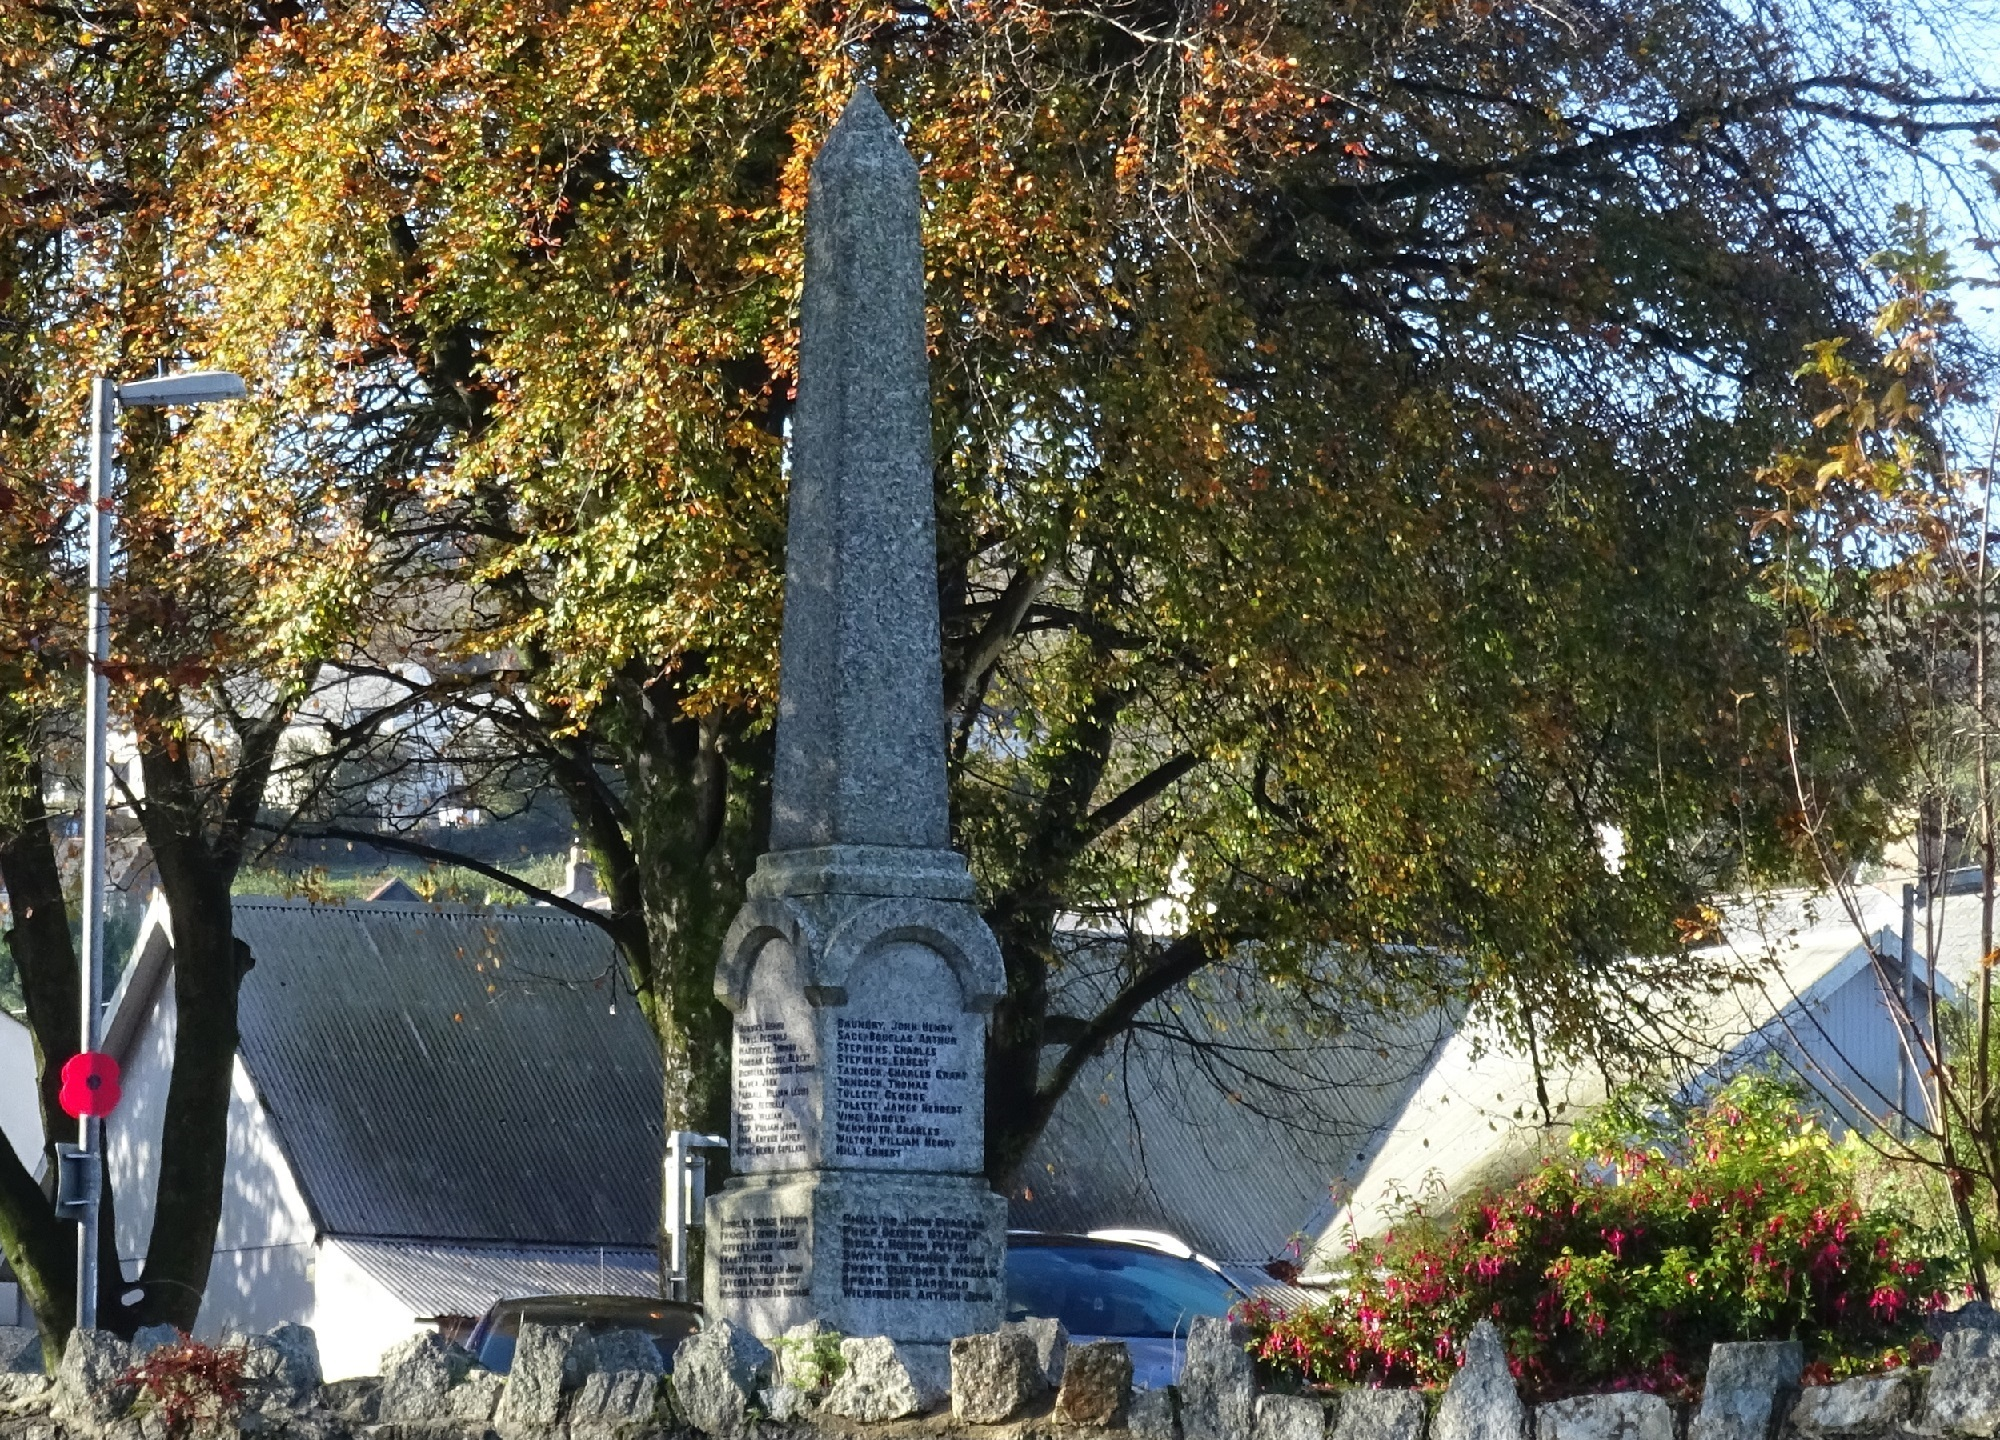 View of the war memorial